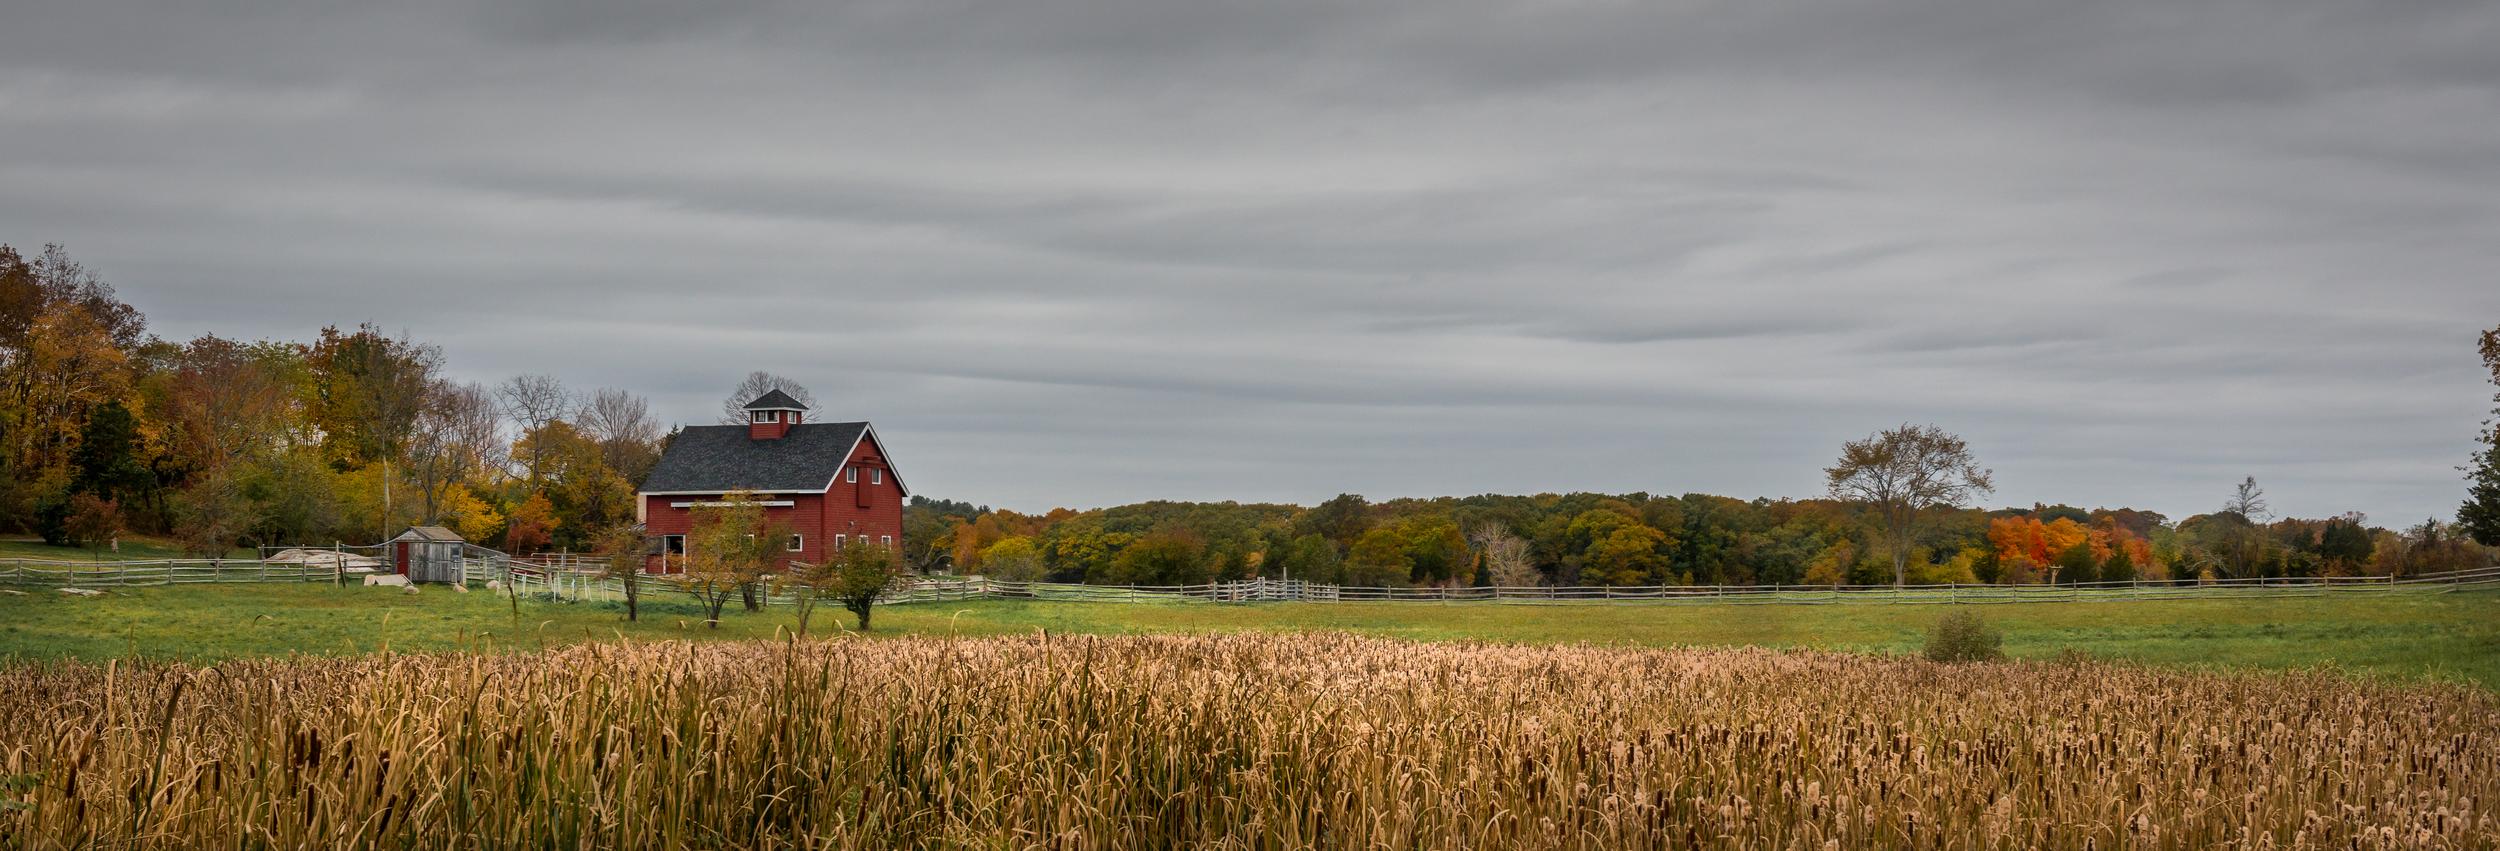 Autumn in Essex, Massachusetts